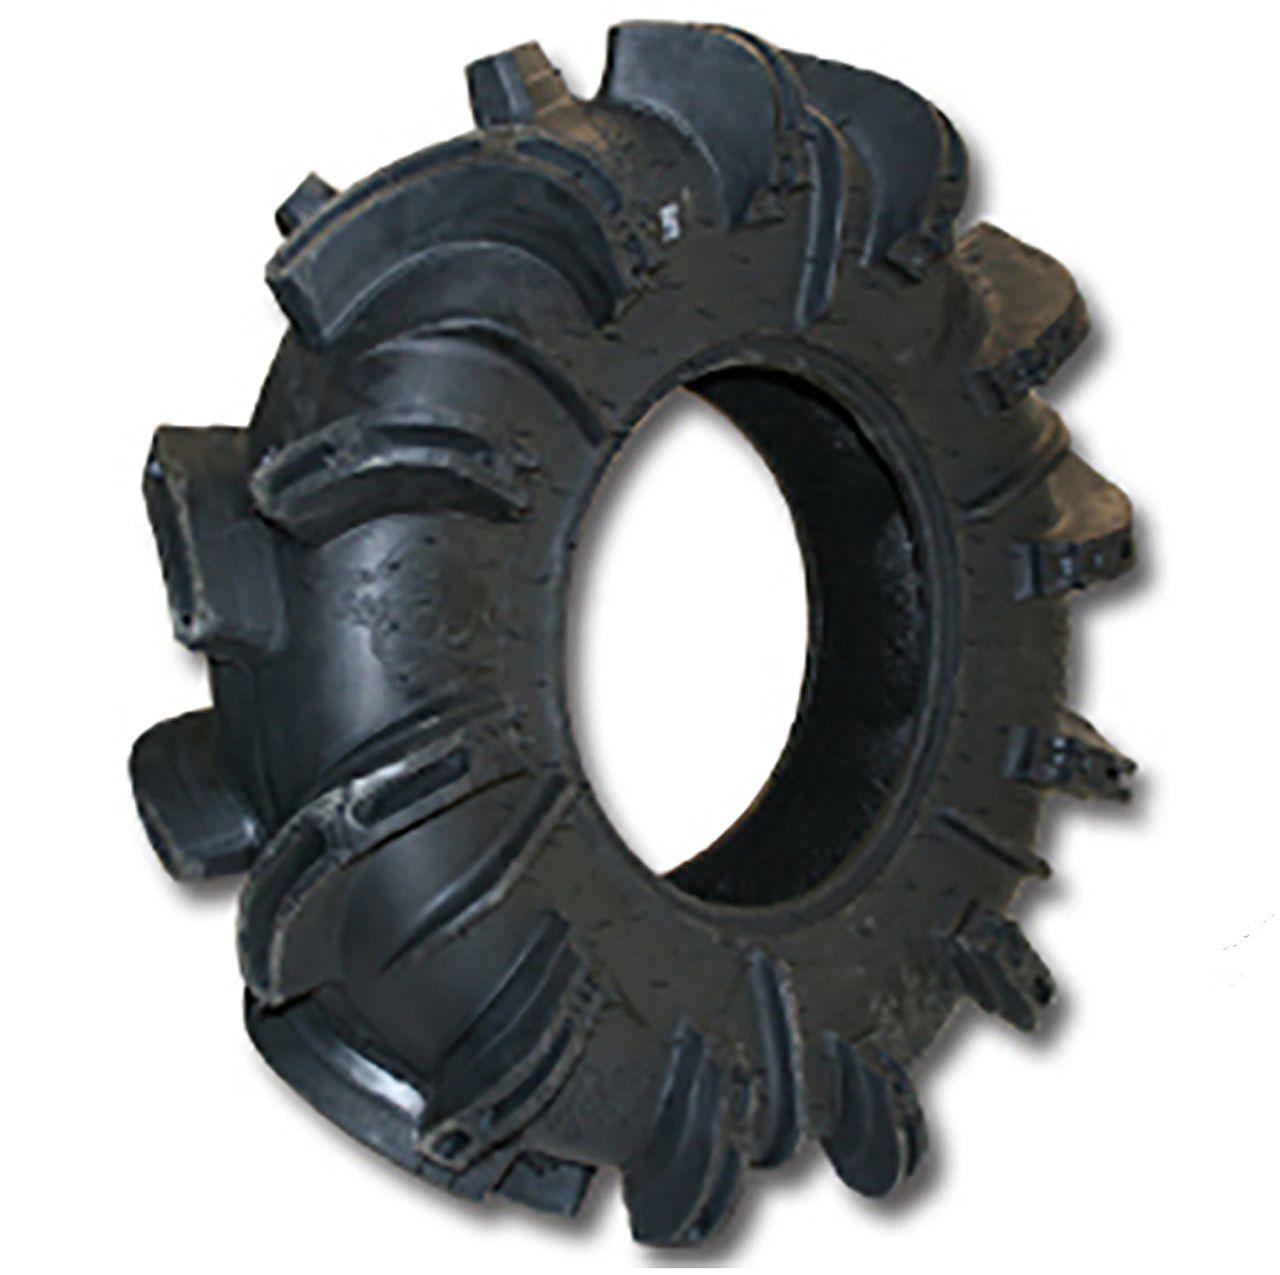 Gorilla Silverback Mud Tires (27